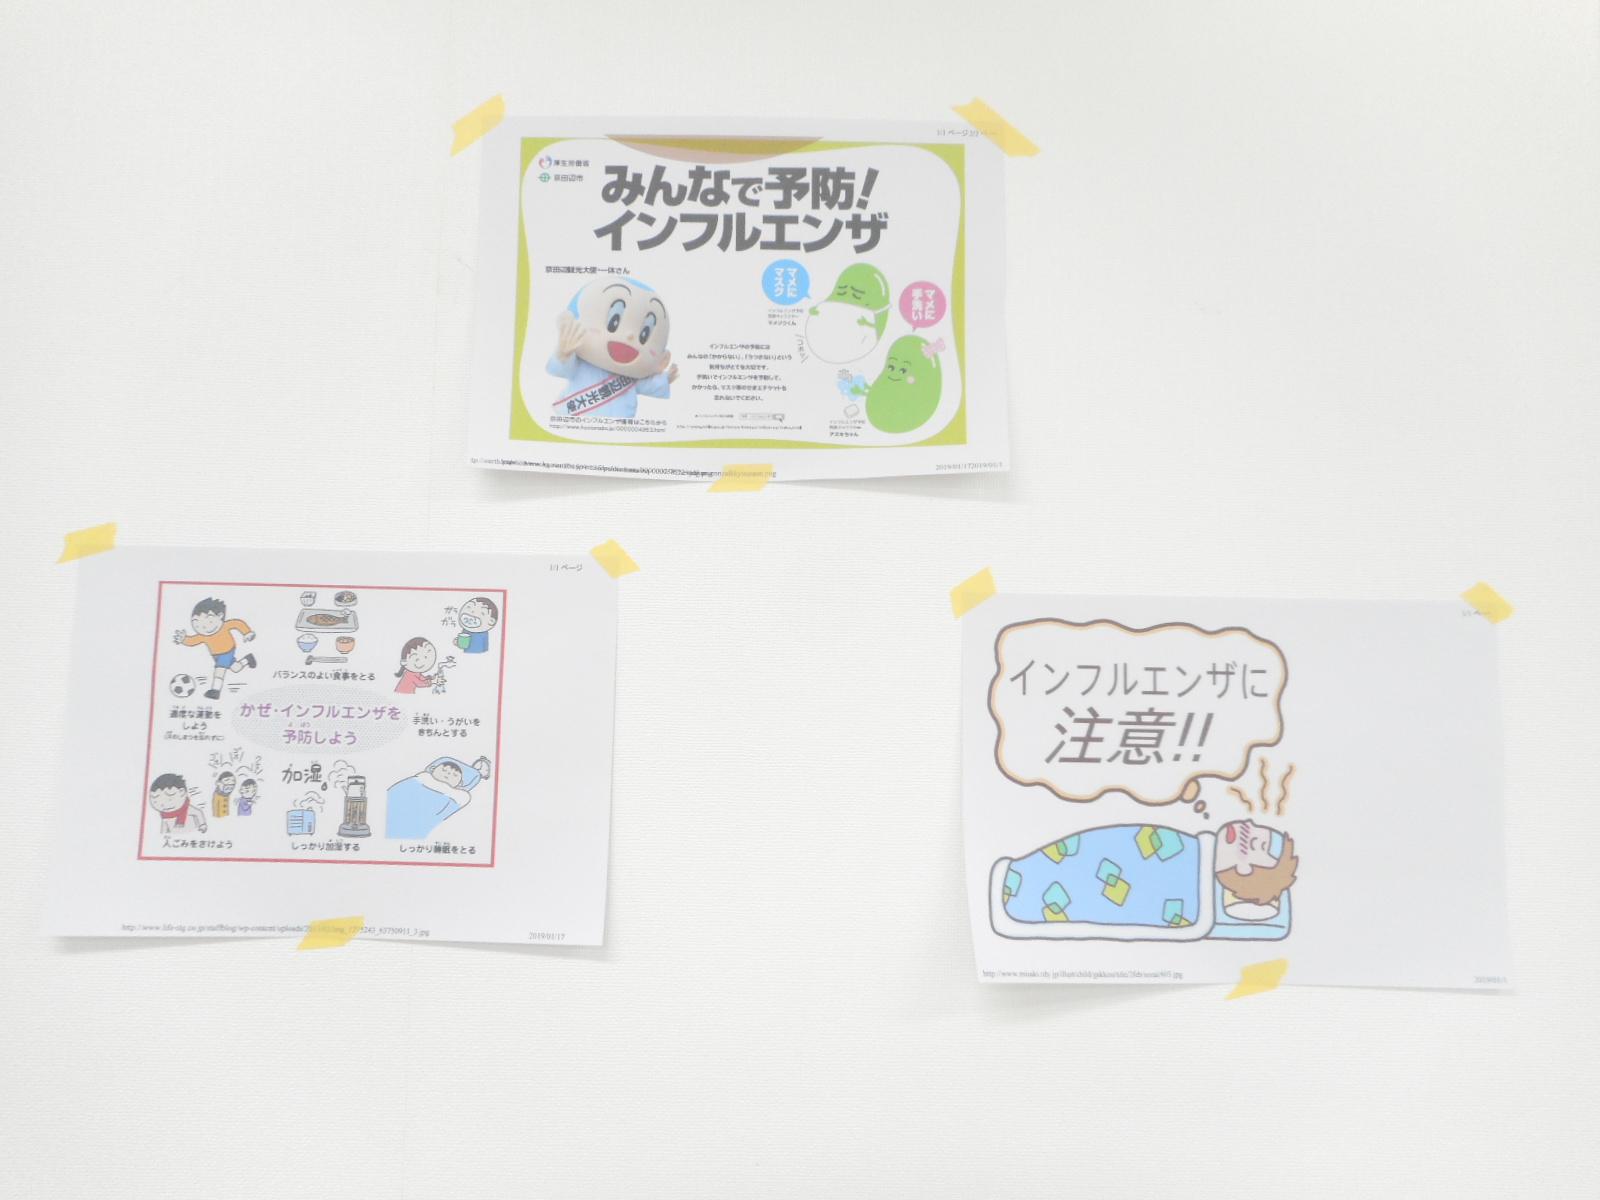 http://www.takedahp.or.jp/publicity/items/DSCN4763.JPG